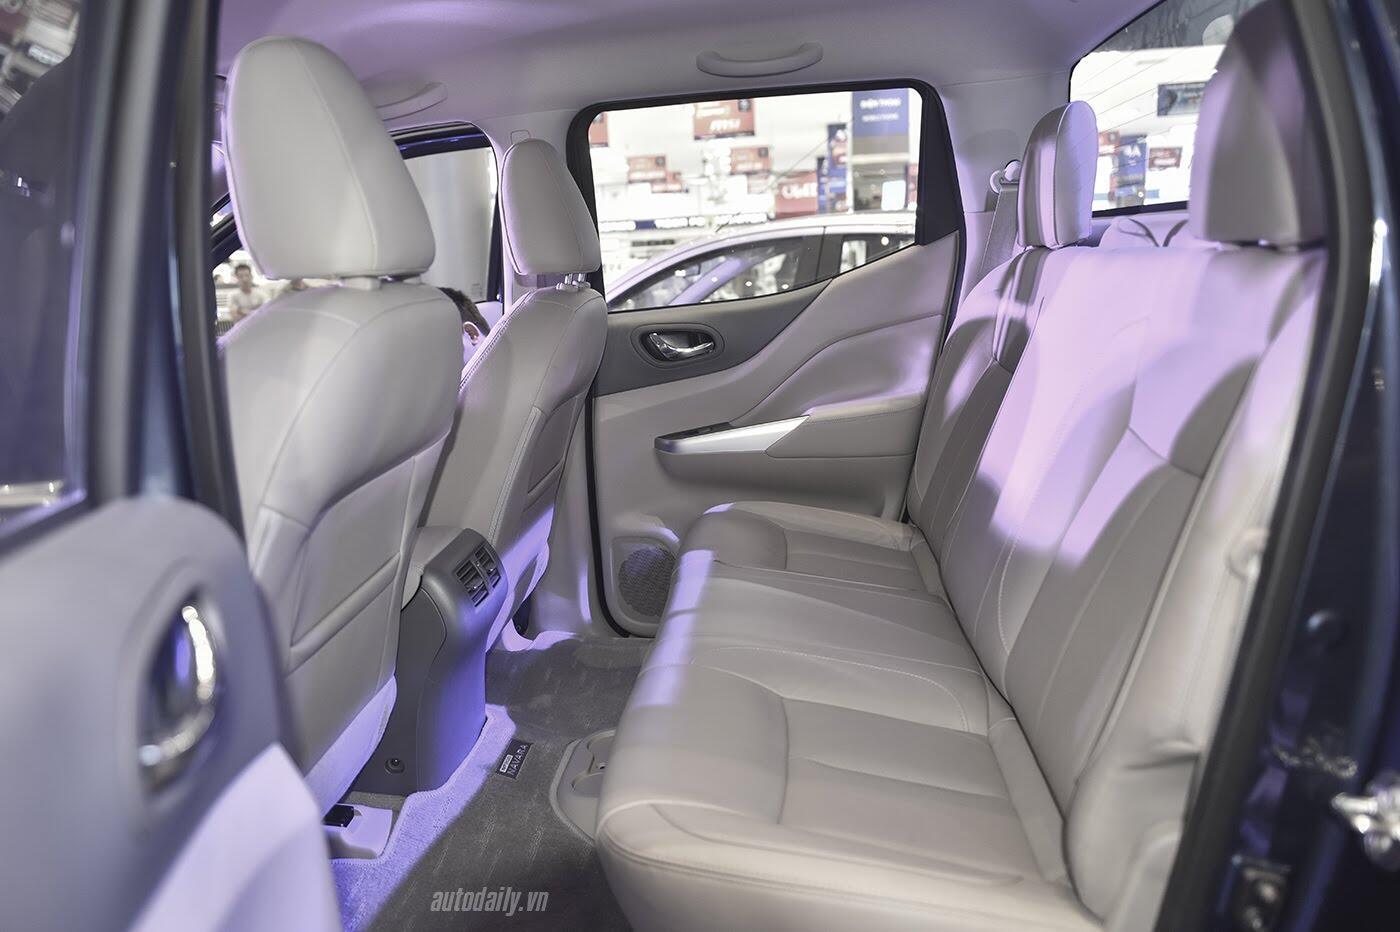 Nissan Việt Nam ra mắt Navara Premium R 2017, giá 815 triệu đồng - Hình 15